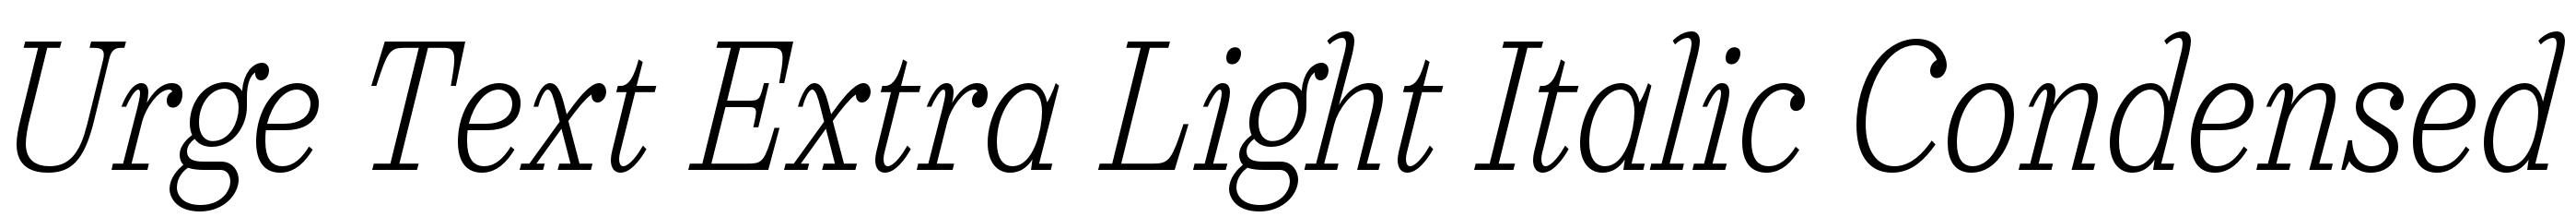 Urge Text Extra Light Italic Condensed